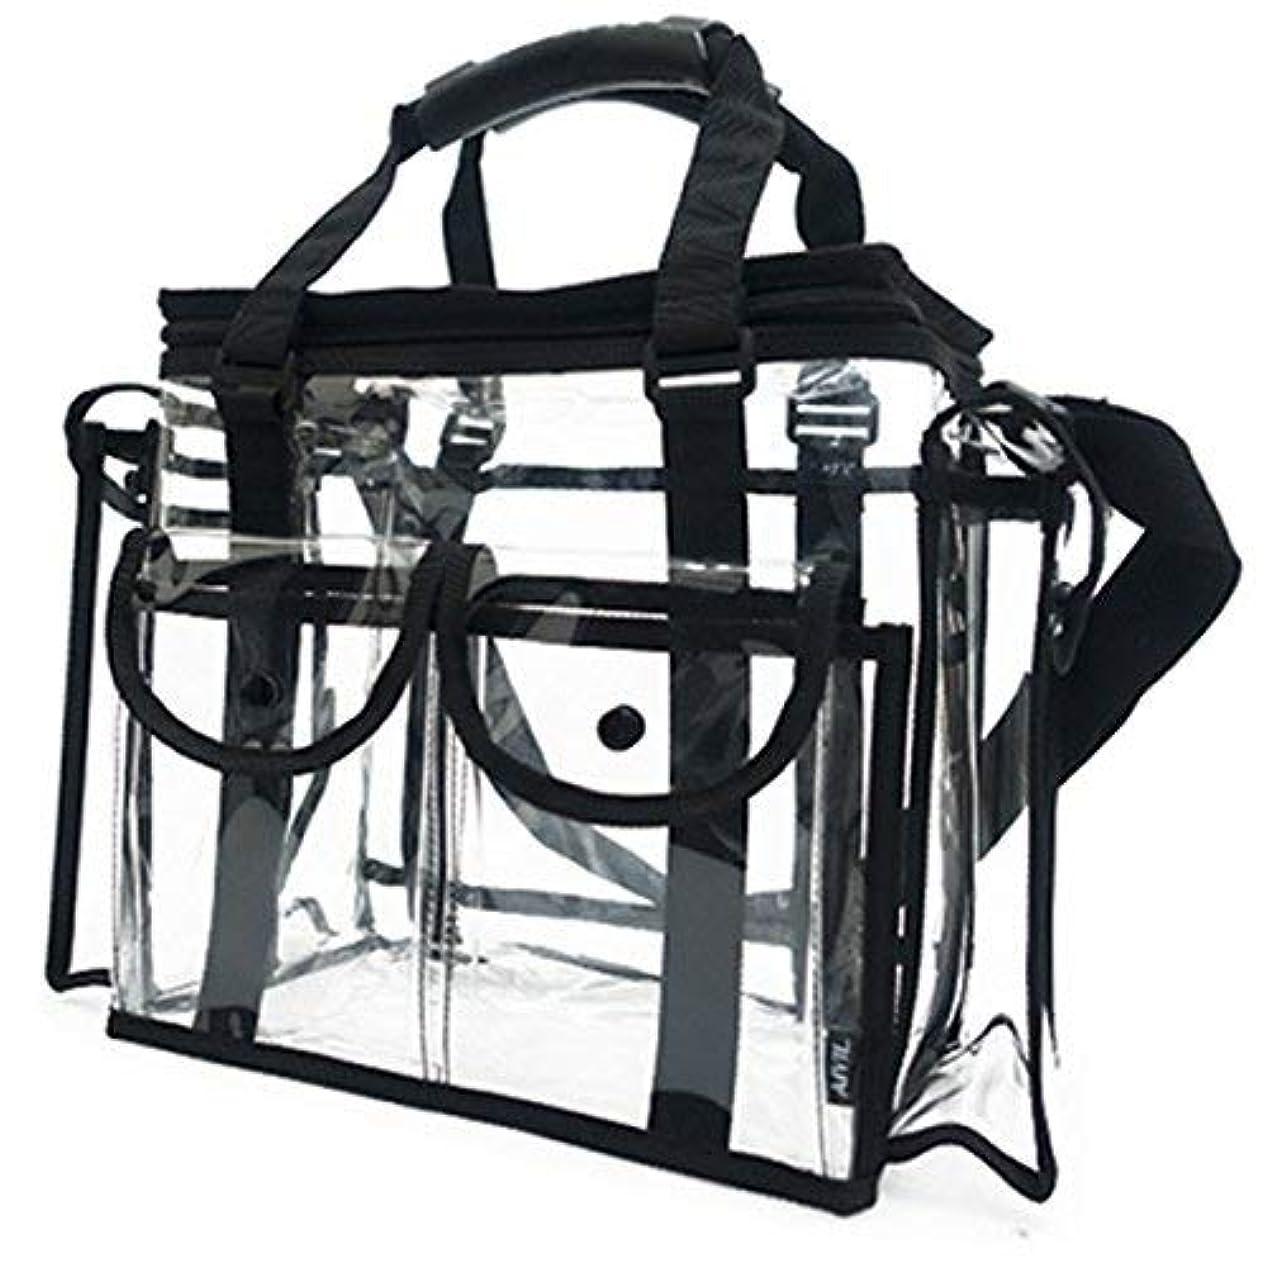 贅沢な投資動物トリコインダストリーズ アイビル クリアロケーションバッグ